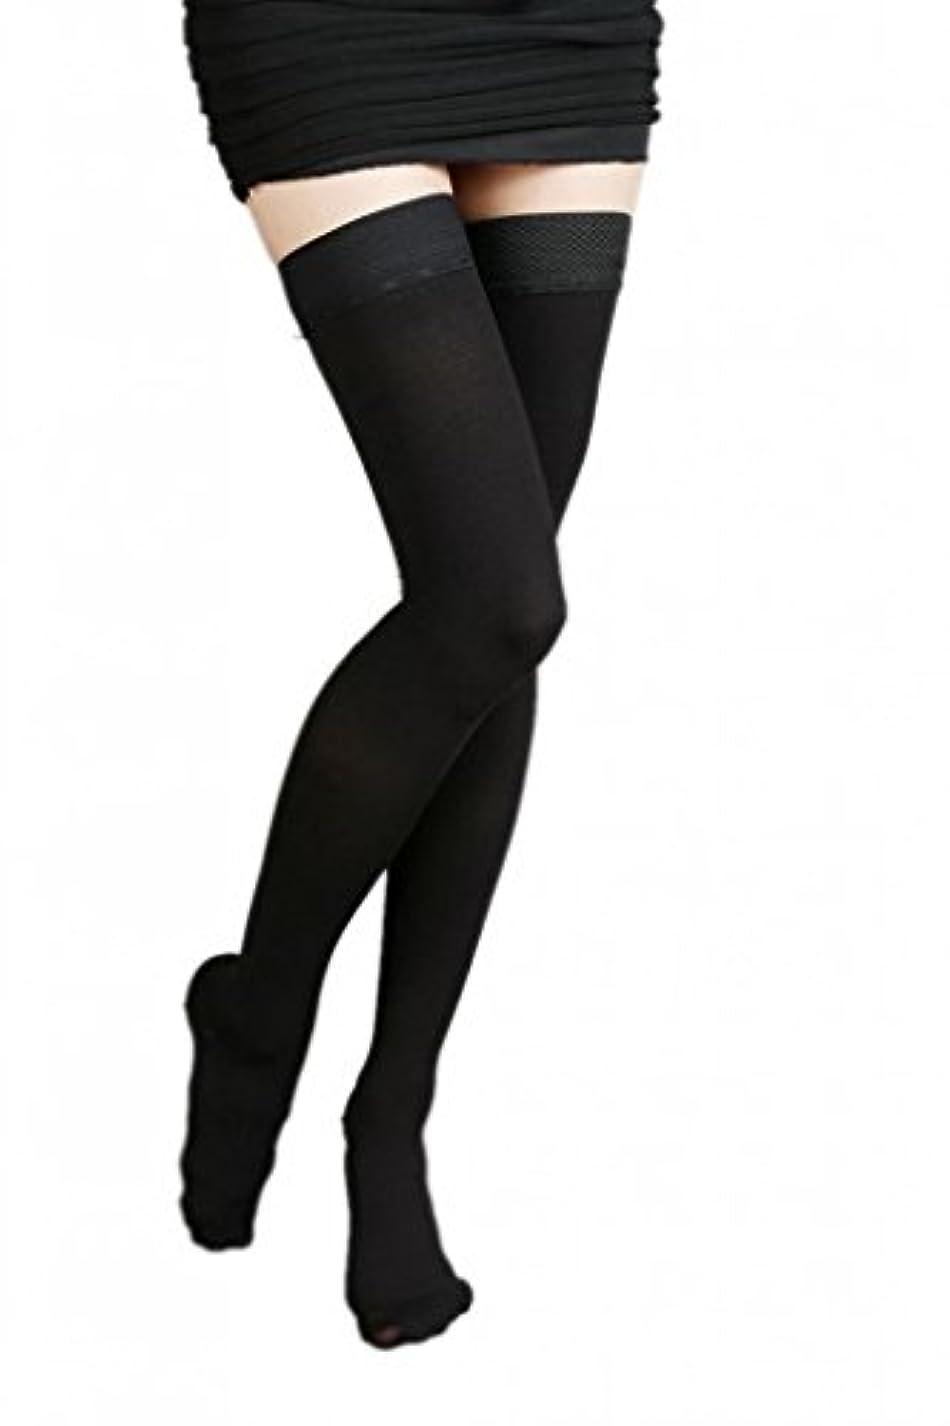 授業料上向きヘルシー(ラボーグ)La Vogue 美脚 着圧オーバーニーソックス ハイソックス 靴下 弾性ストッキング つま先あり着圧ソックス XL 3級強圧 黒色